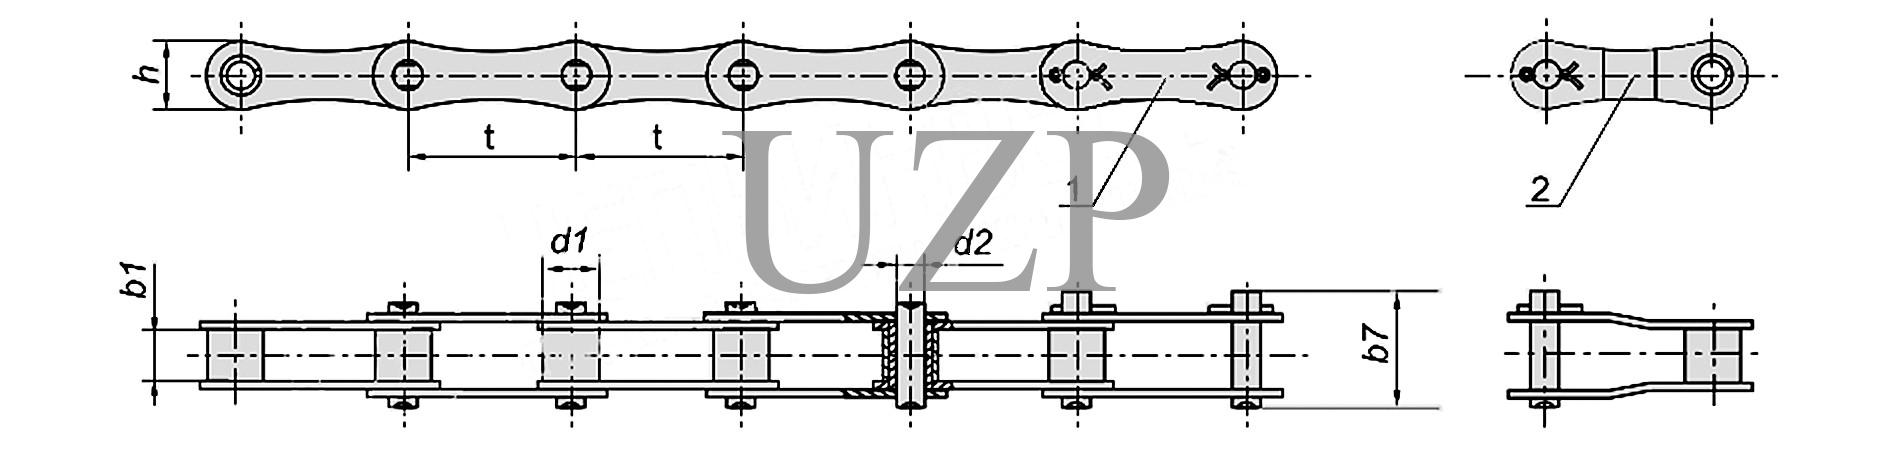 Конструкция приводной роликовой длиннозвенной цепи (ПРД)